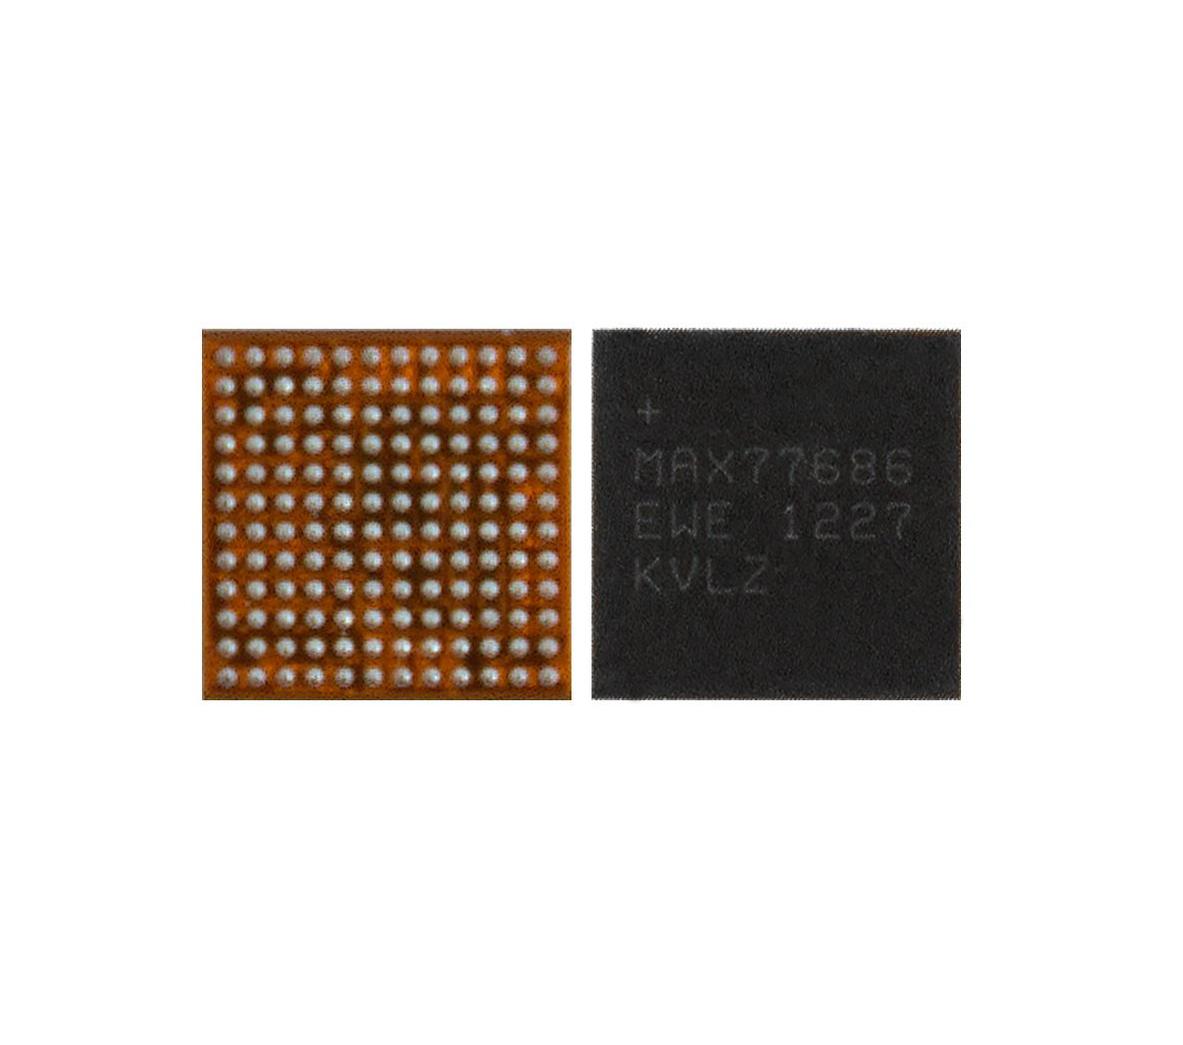 تصویر آی سی تغذیه MAX77686 سامسونگ IC POWER MAX77686 SAMSUNG